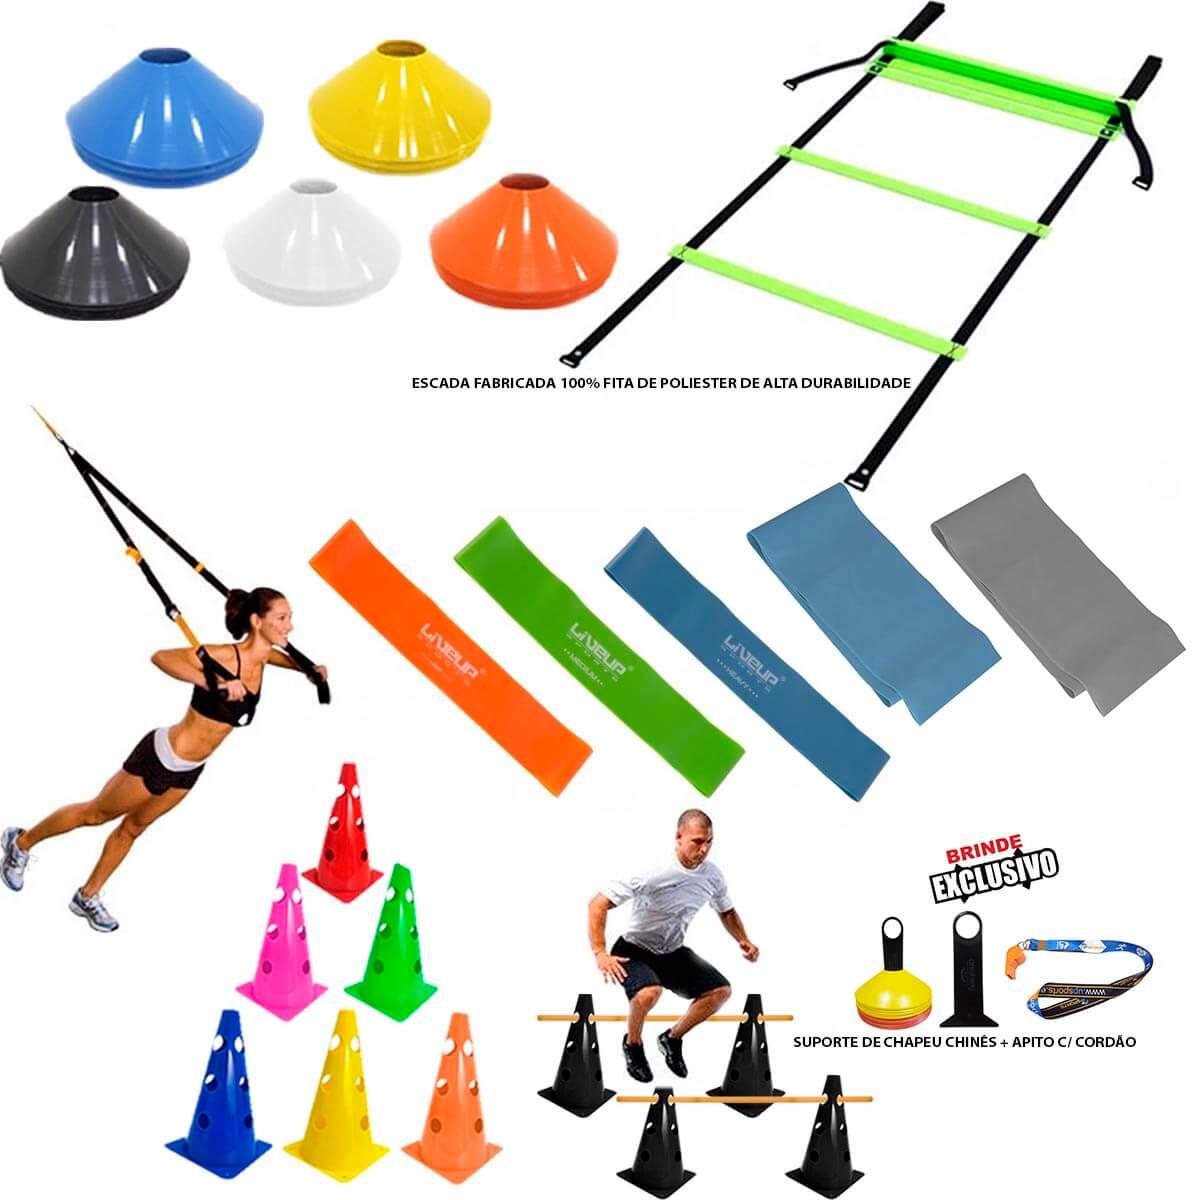 Kit Treinamento Funcional Escada Cones Trx Mini Bands